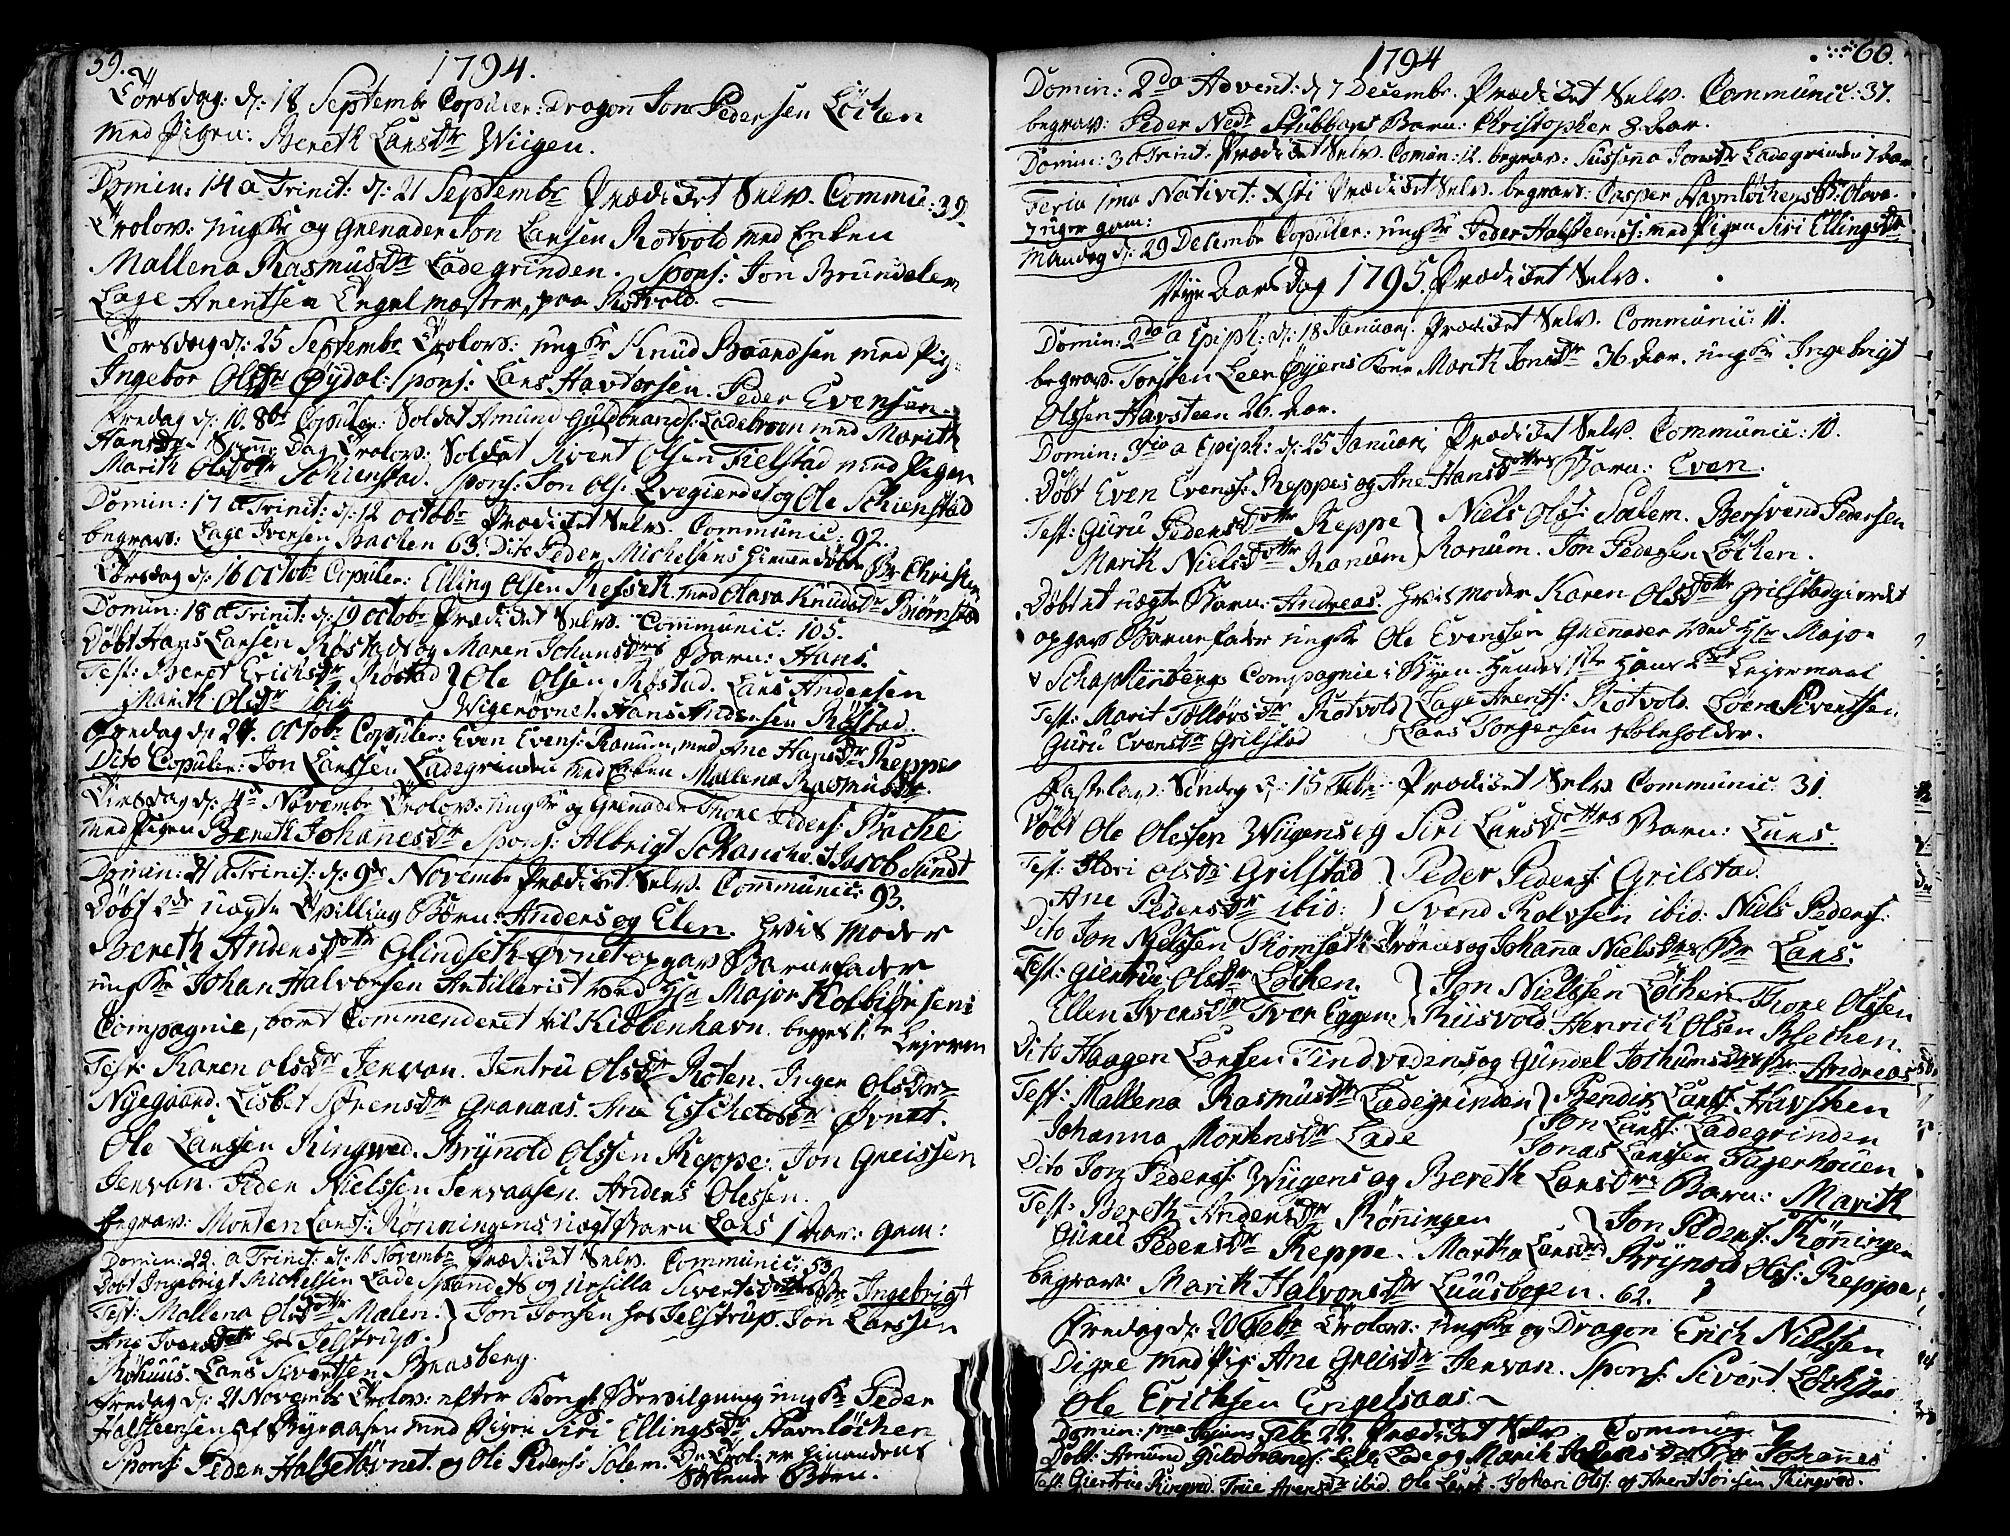 SAT, Ministerialprotokoller, klokkerbøker og fødselsregistre - Sør-Trøndelag, 606/L0280: Ministerialbok nr. 606A02 /1, 1781-1817, s. 59-60